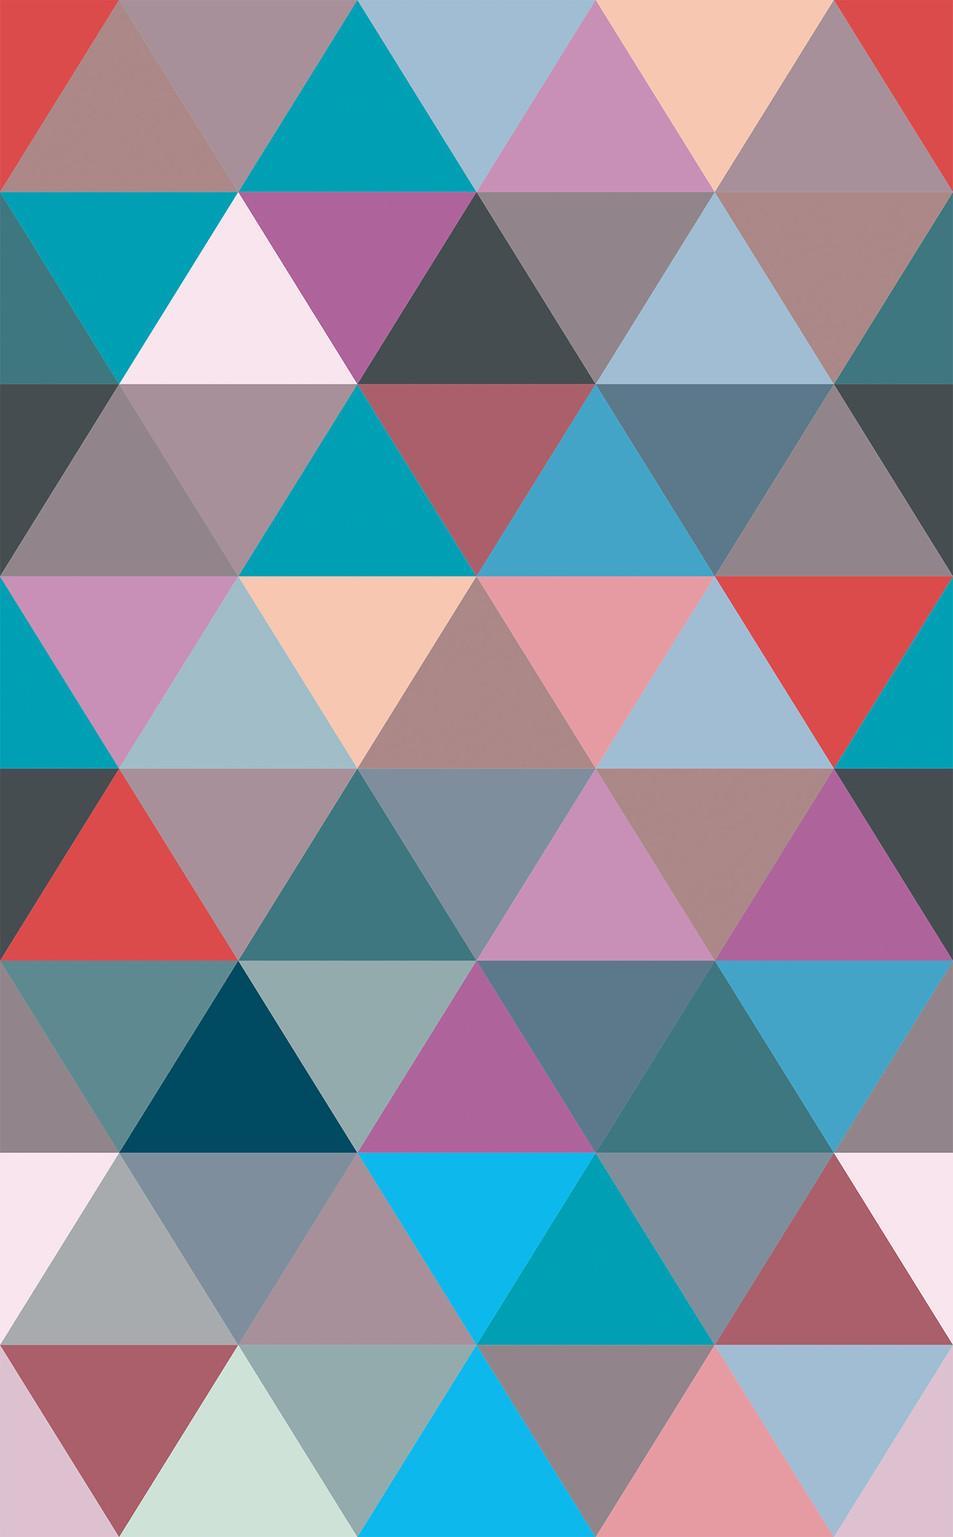 Triangle No. 04 Mauve Red